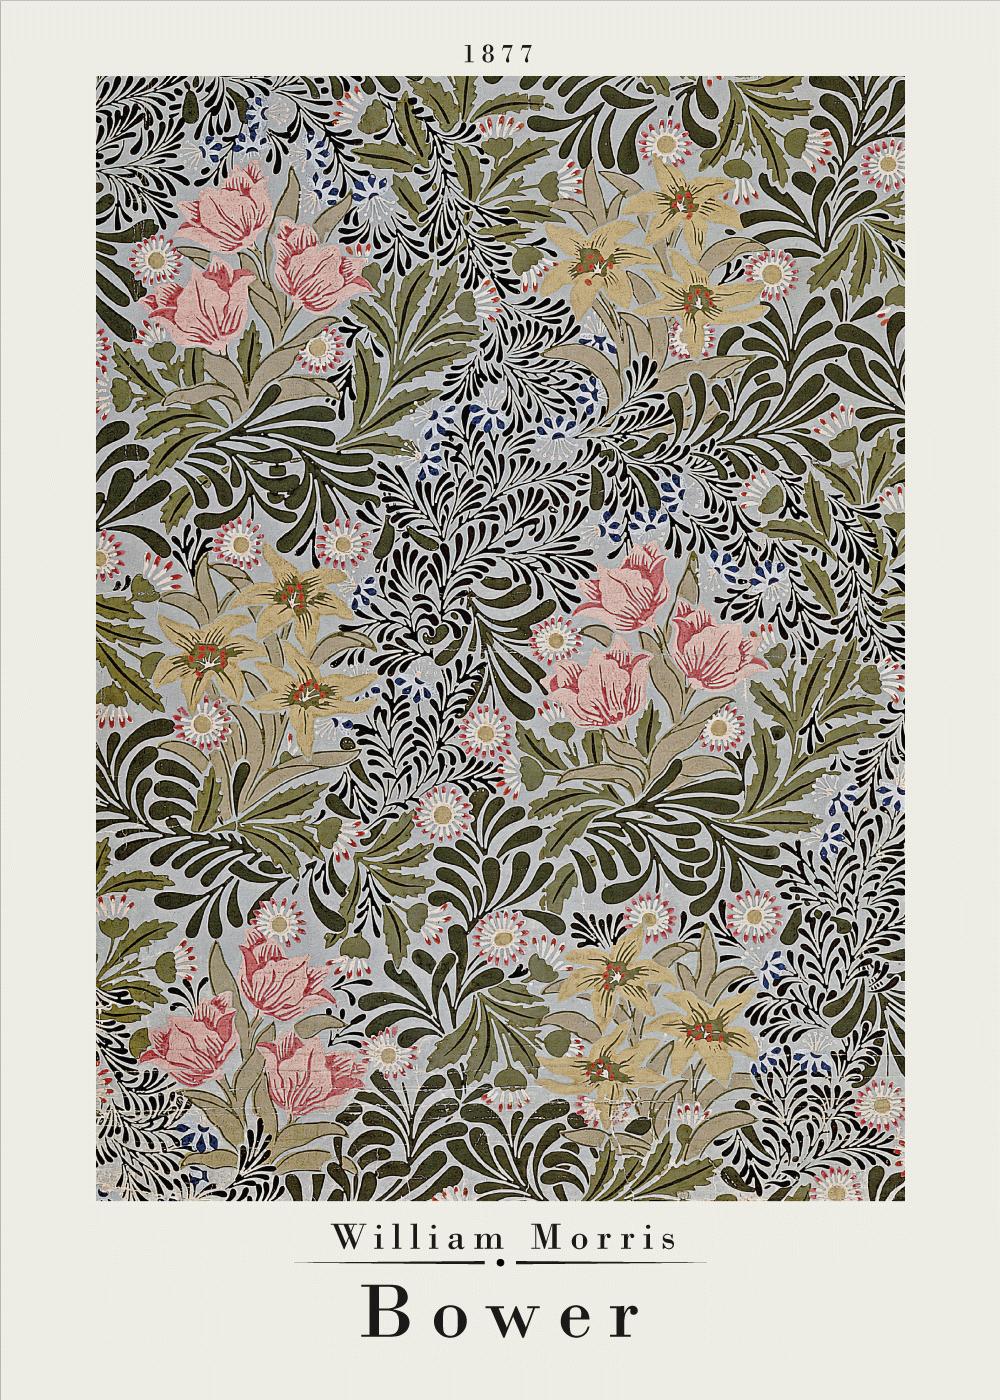 Billede af Bower - William Morris kunstplakat